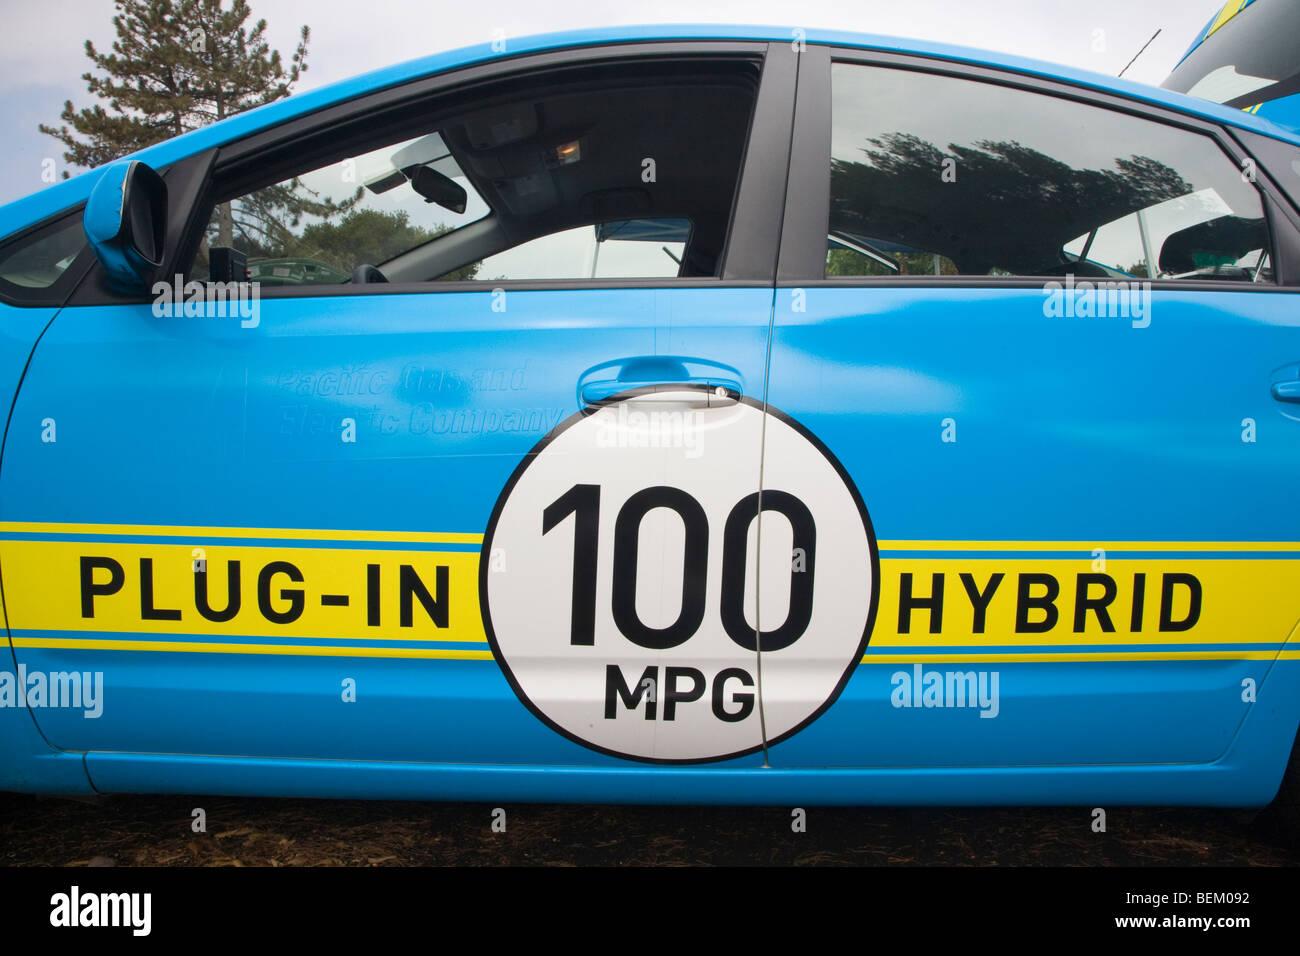 La Toyota Prius Plug-in hybrid auto dimostrazione da PG&E, Palo Alto, California, Stati Uniti d'America Immagini Stock